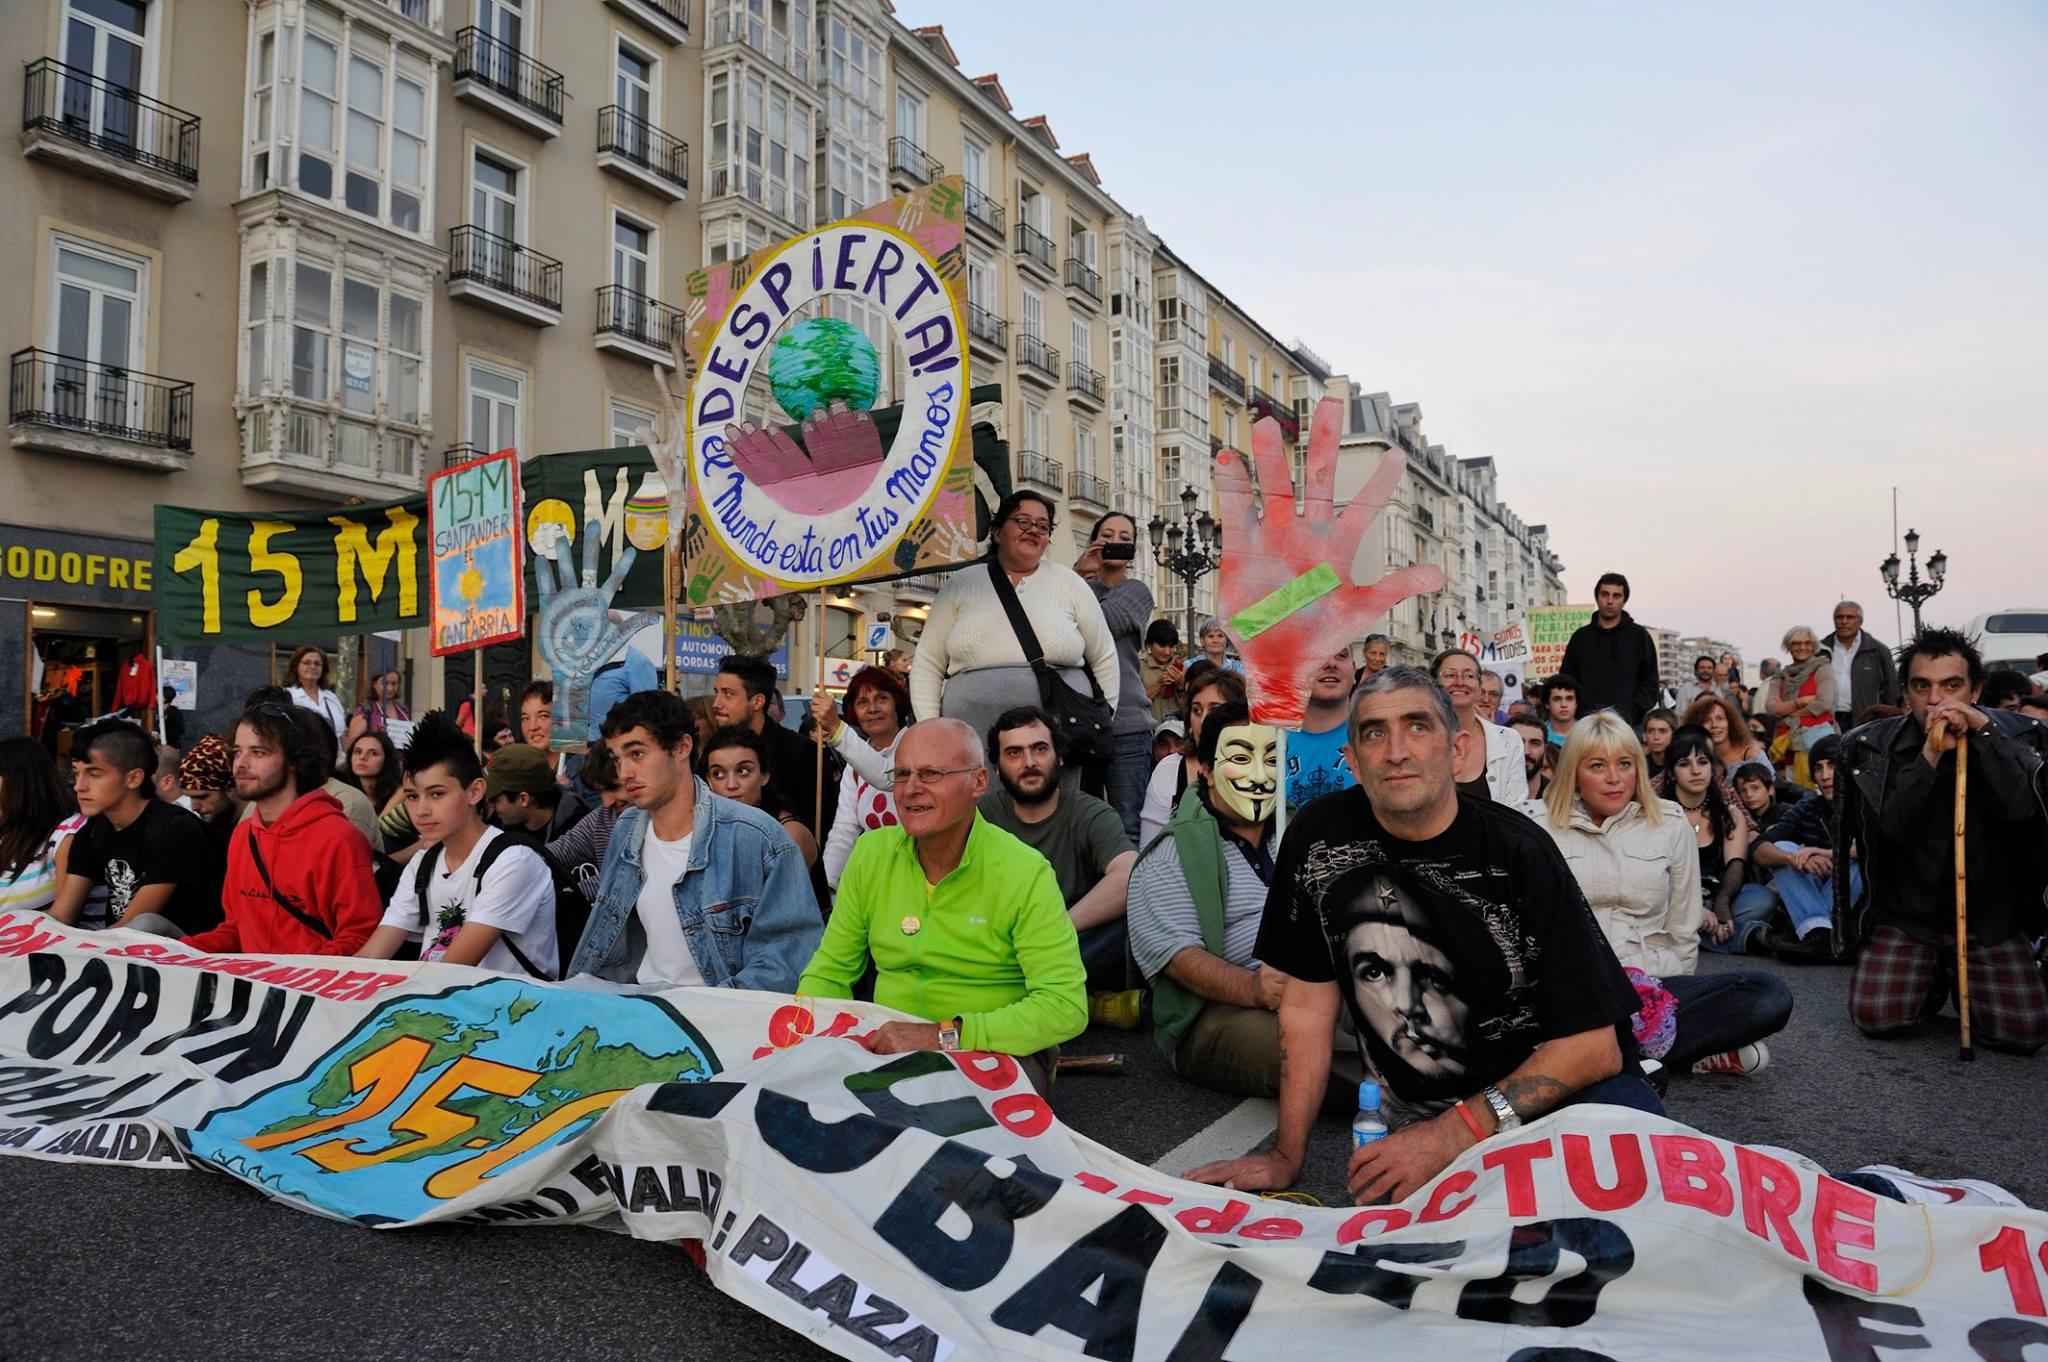 La manifestación que desembocó en el 15M (Foto: José Segarra)